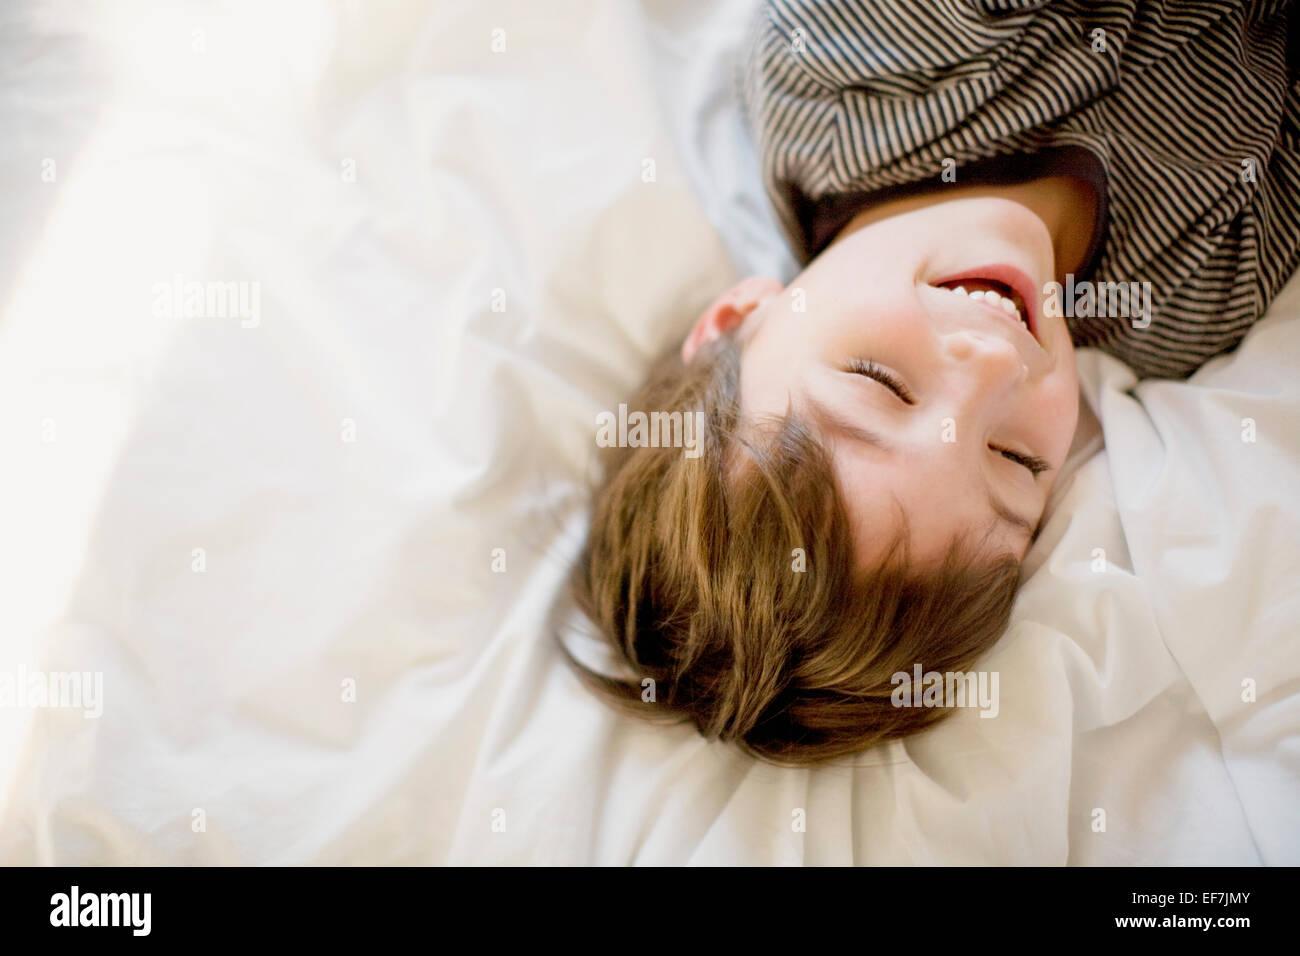 Heureux garçon couché sur le lit Photo Stock